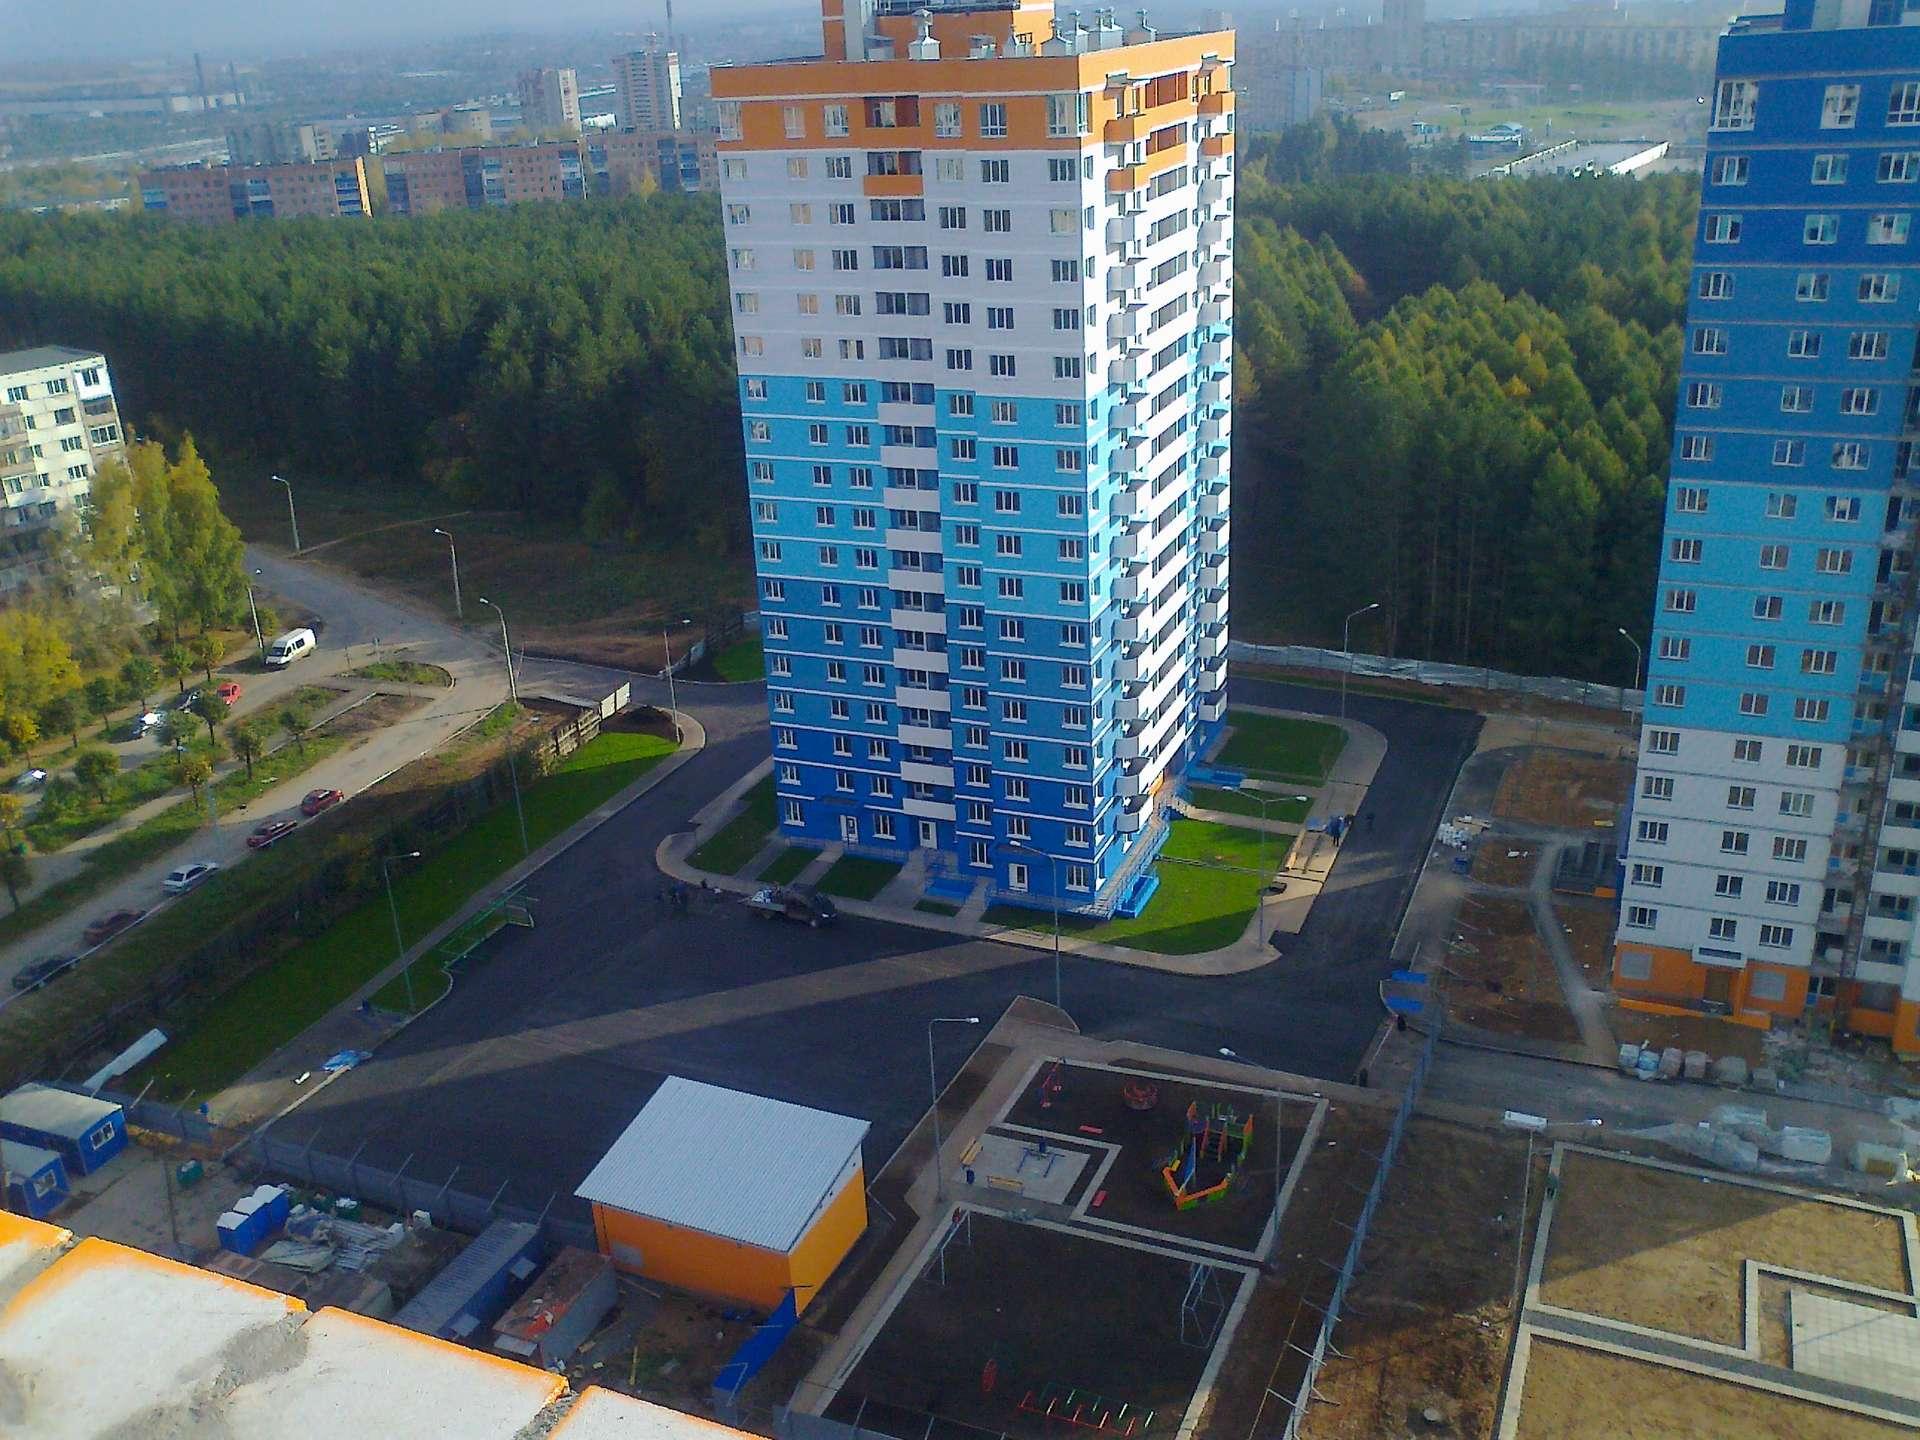 Строительная компания допуск 0 в Ижевске строительные материалы от компании пск холдинг